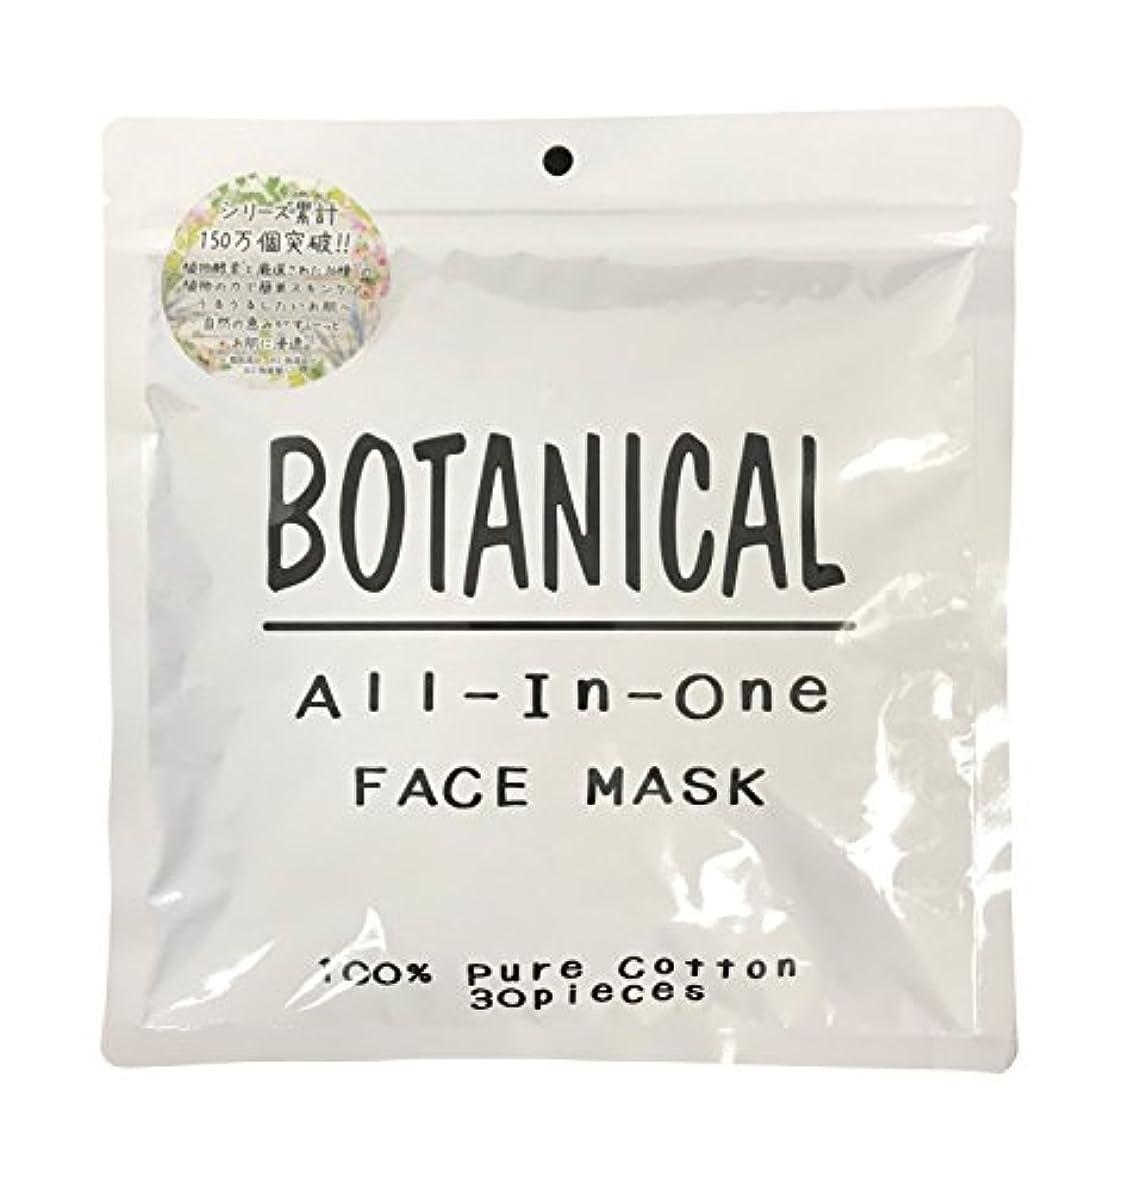 雑草対応する神経ボタニカル(BOTANICAL) オールインワン フェイスマスク 30枚入